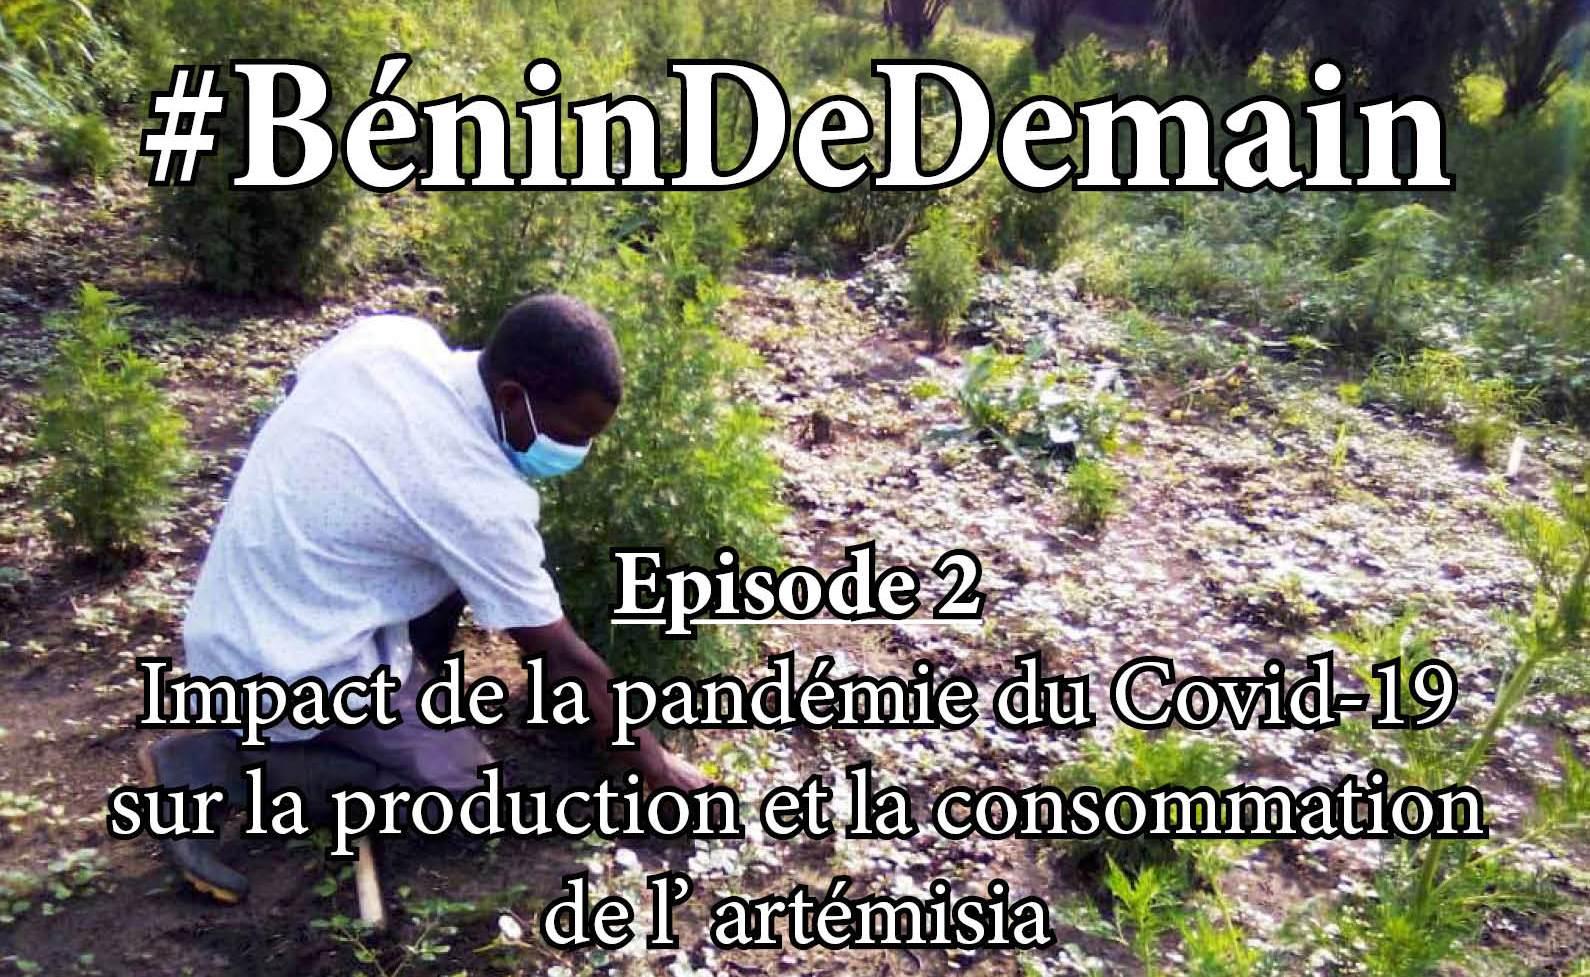 Restez chez vous et découvrez le #BéninDeDemain, Episode 2